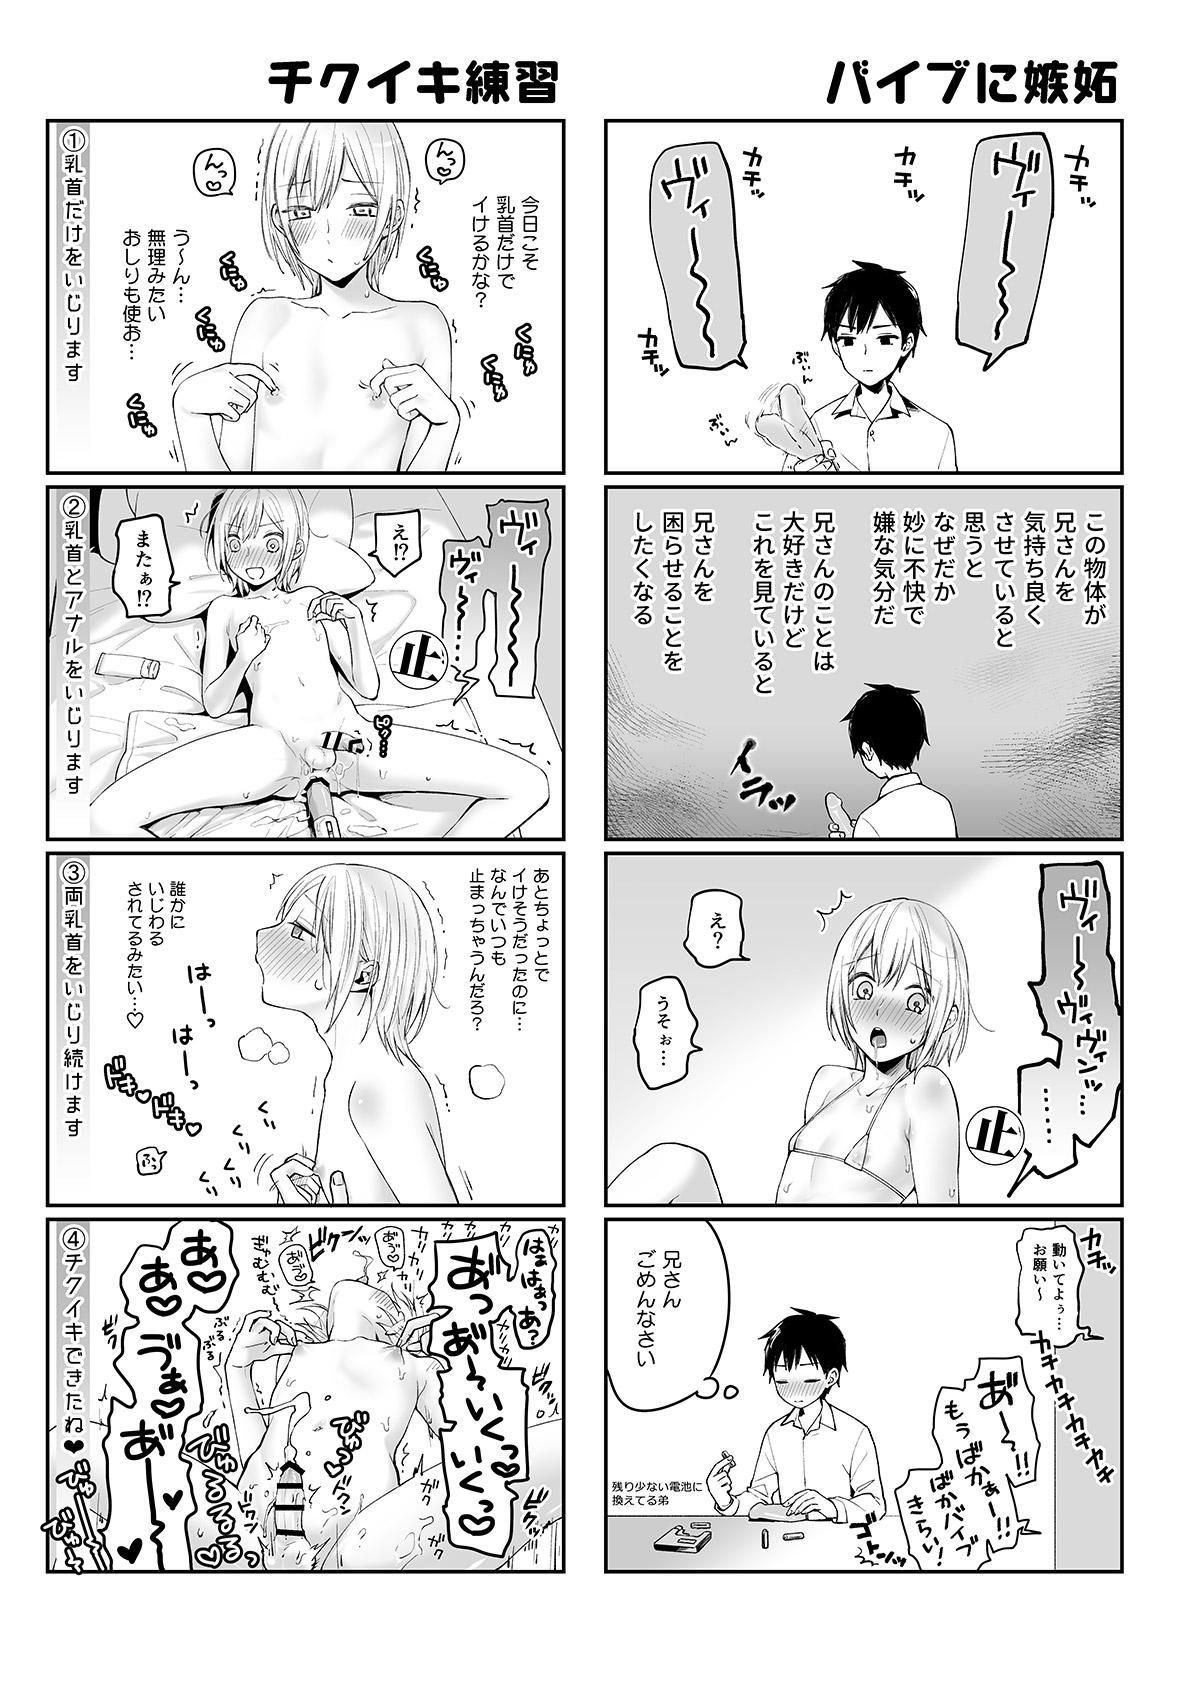 オナ兄さん・夜のおさんぽ露出 52